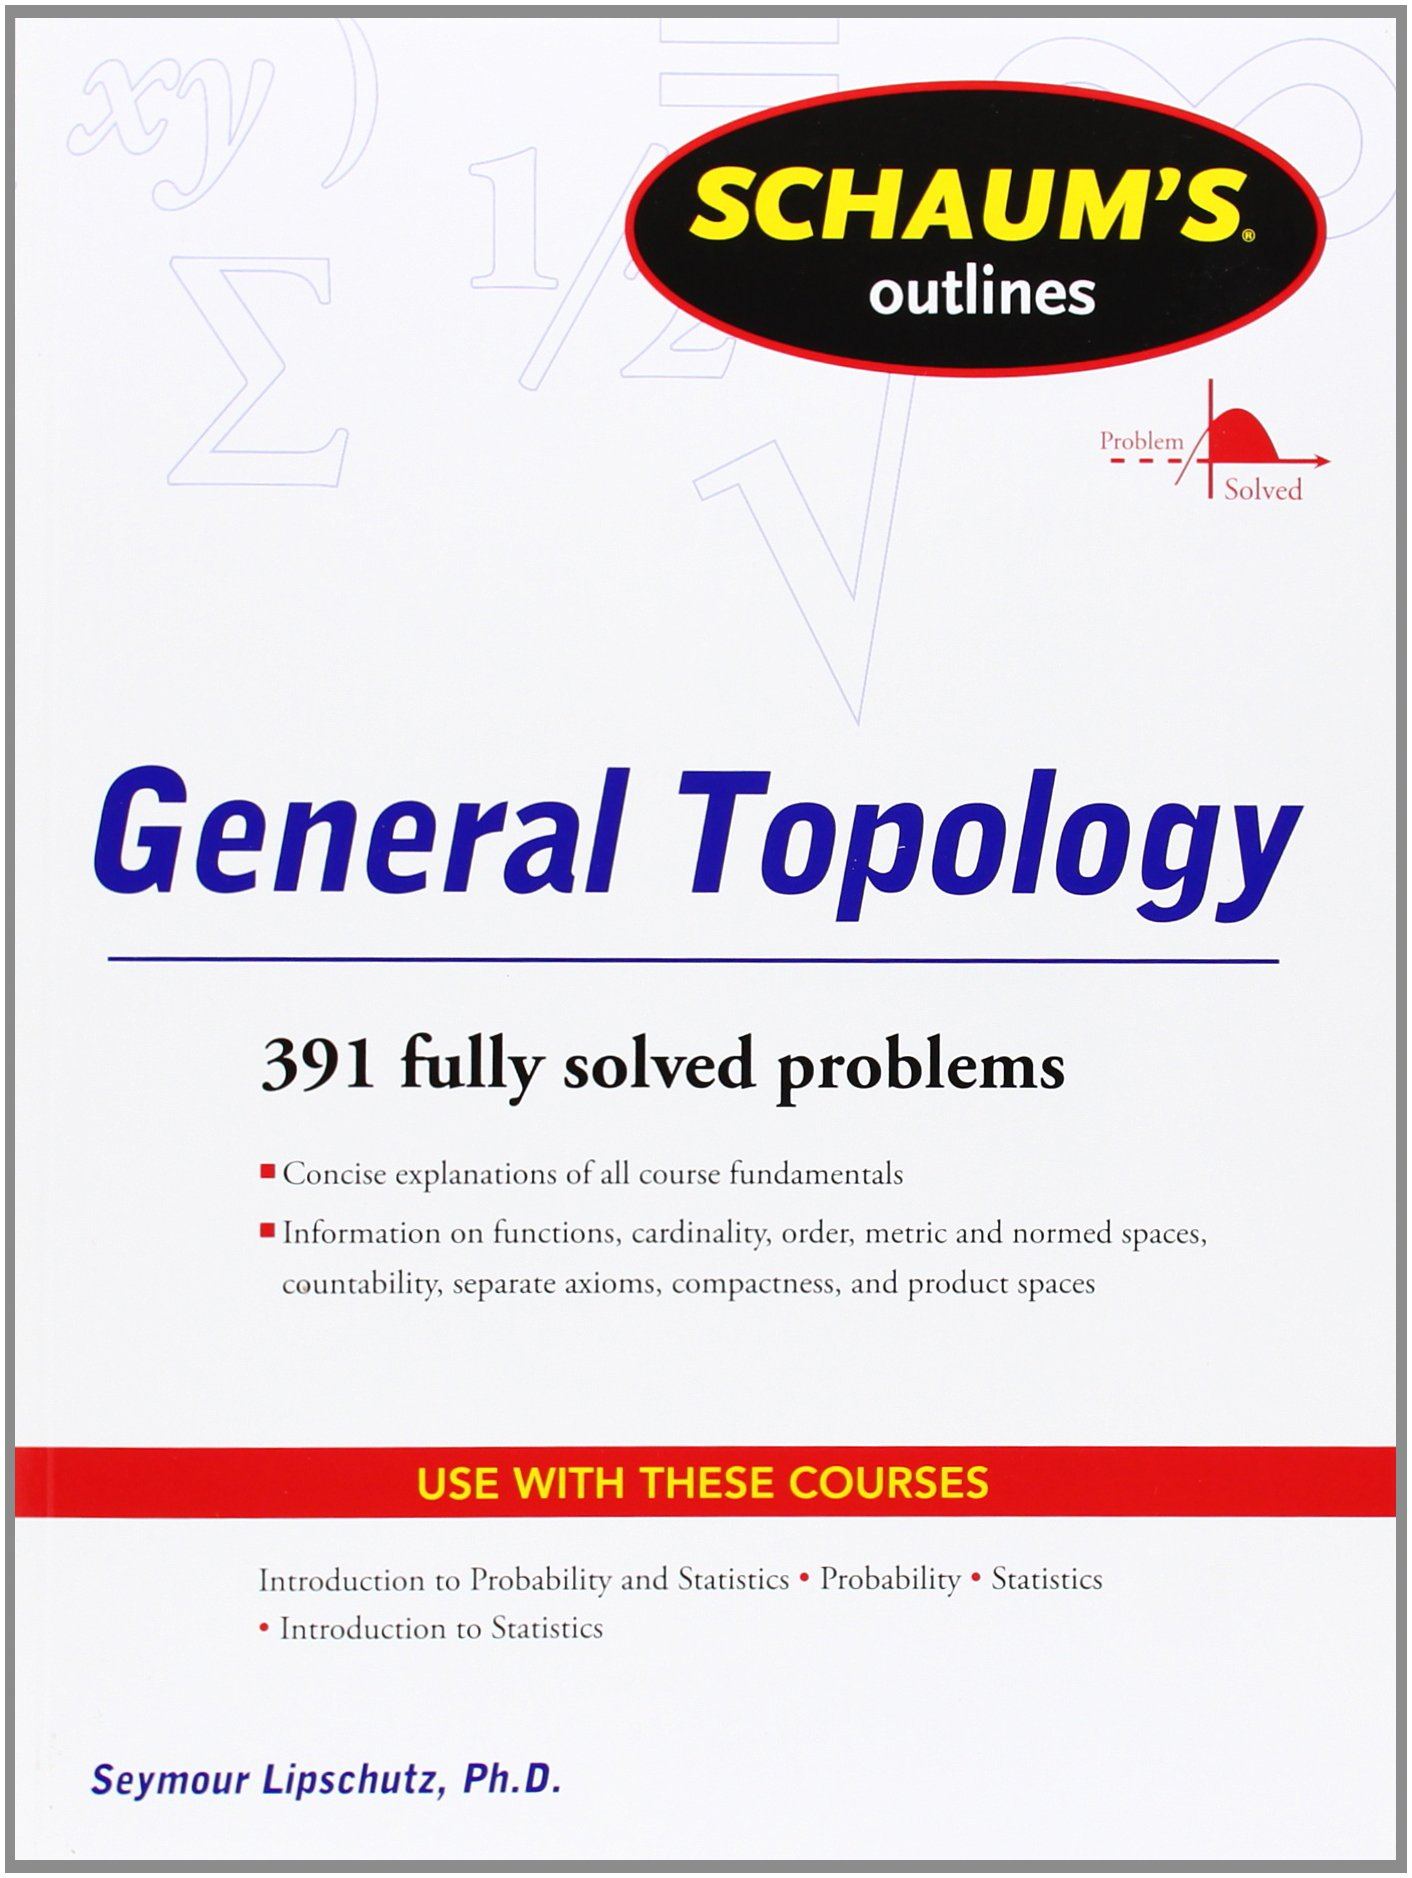 schaums outline of general topology seymour lipschutz schaums outline of general topology seymour lipschutz 9780071763479 books ca